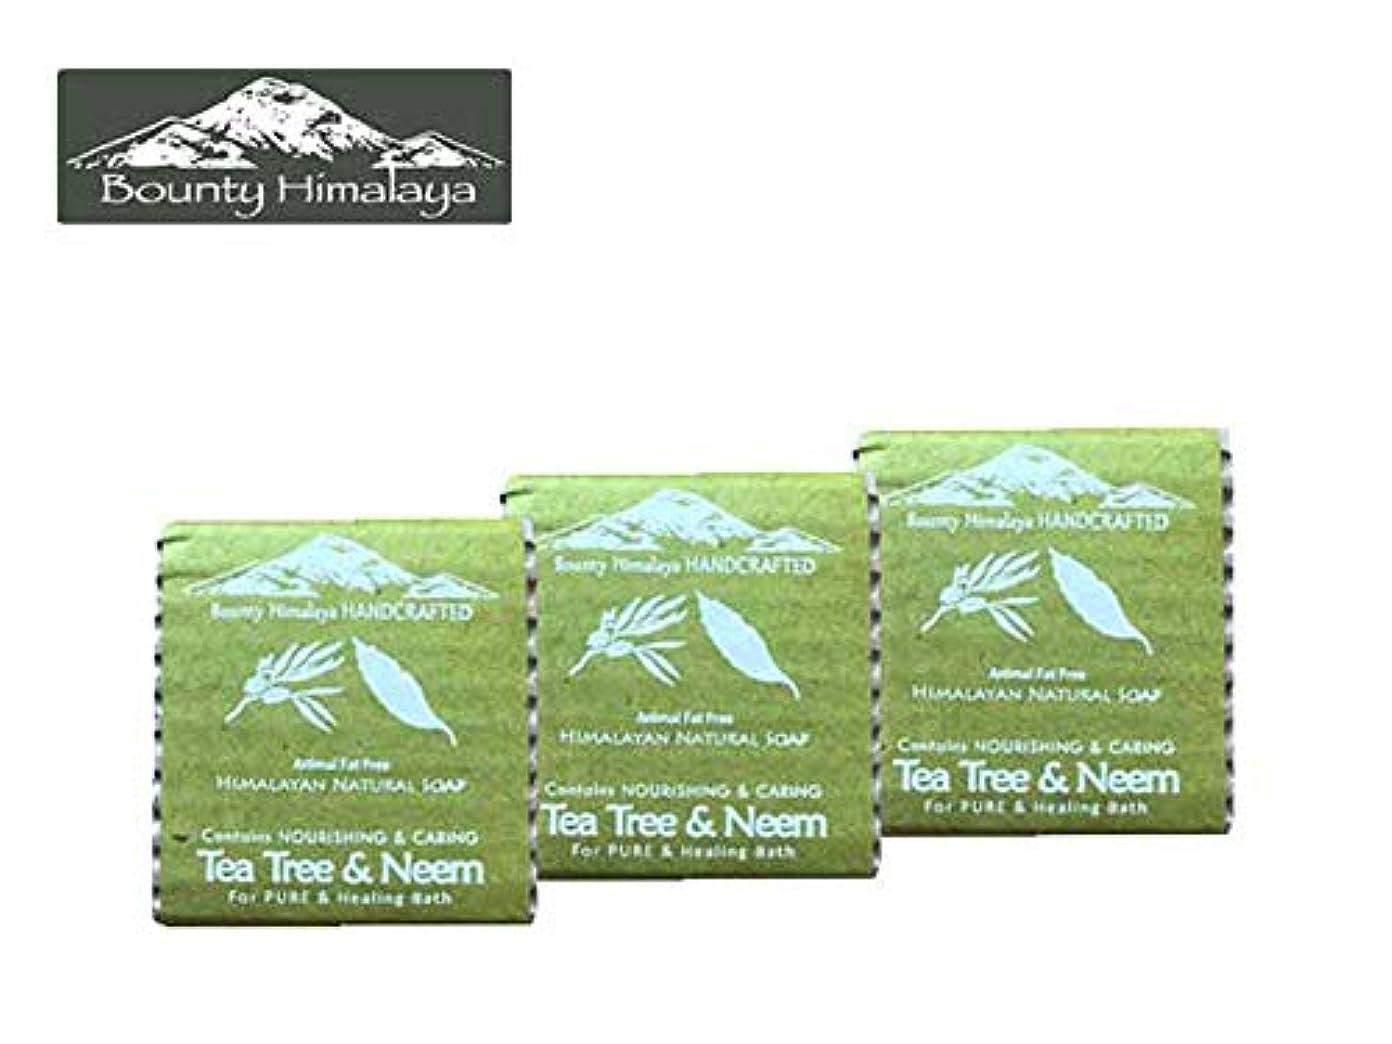 好意クマノミ悲しいことにアーユルヴェーダ ヒマラヤ ティーツリー?ニーム ソープ3セット Bounty Himalaya Tea Tree & Neem SOAP(NEPAL AYURVEDA) 100g